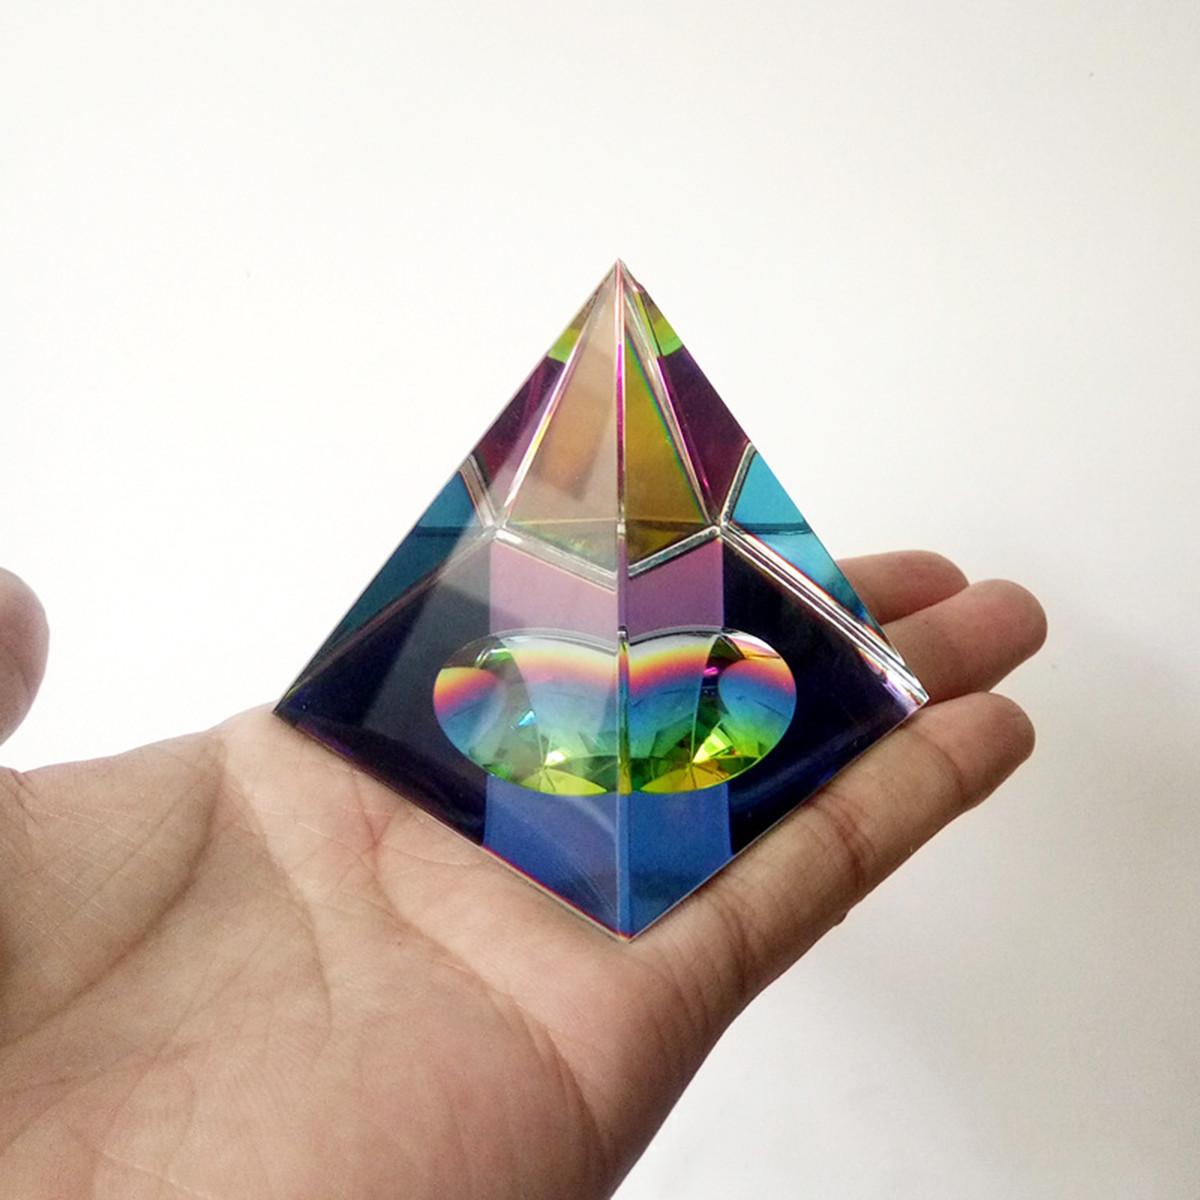 6 см Кристалл Радужная пирамида Призма Радуга Цвет Домашний декор FengShui Reiki Исцеление Украшения - 1TopShop